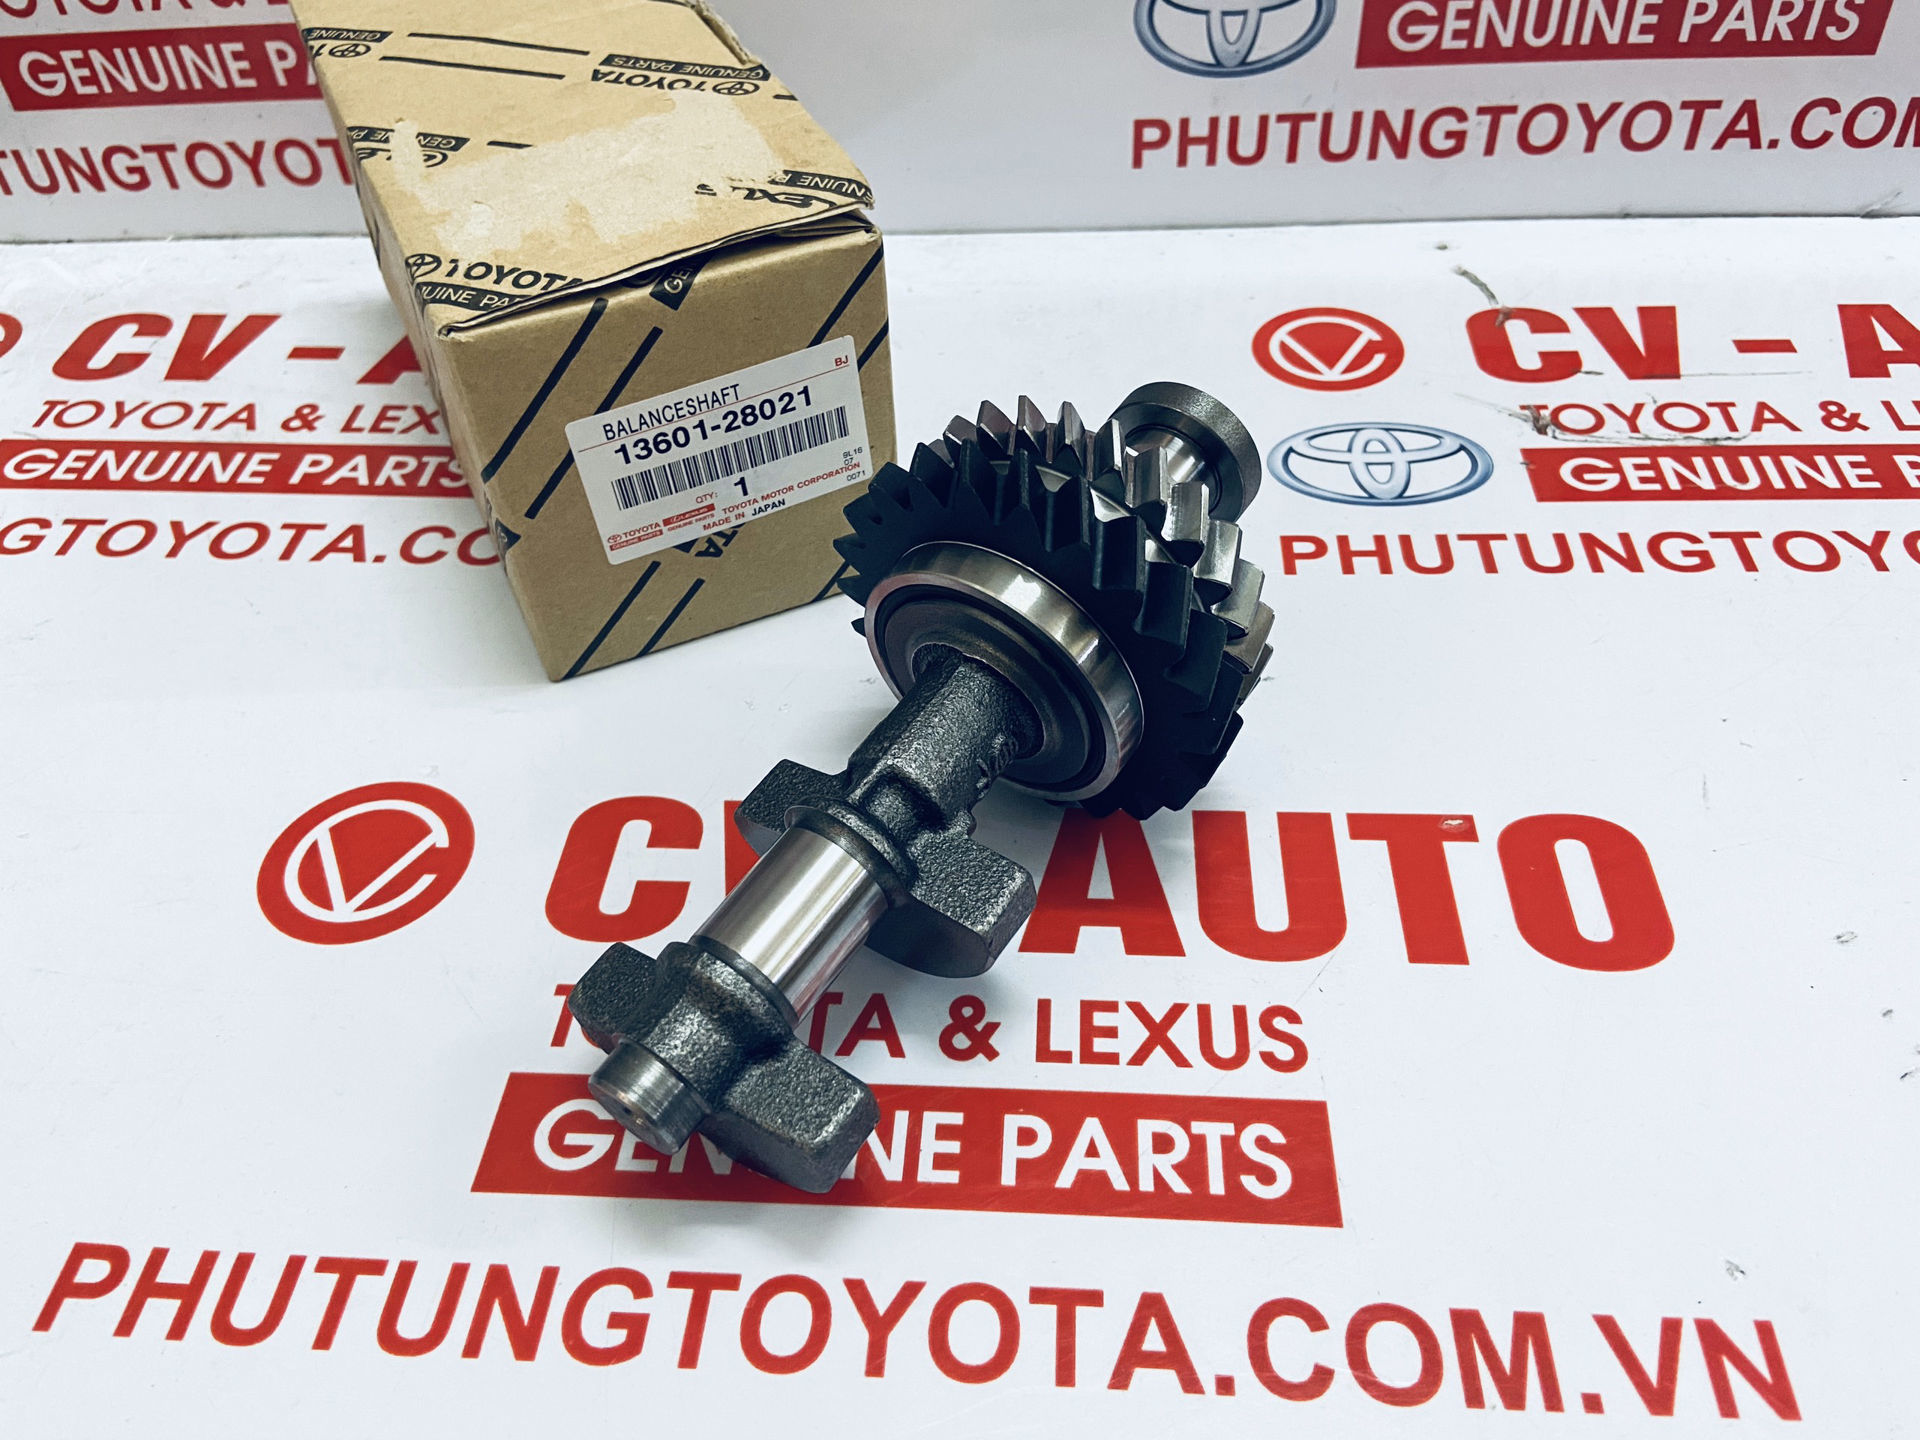 Picture of 13601-28021 Trục đối trọng to Toyota Camry 2.4 chính hãng